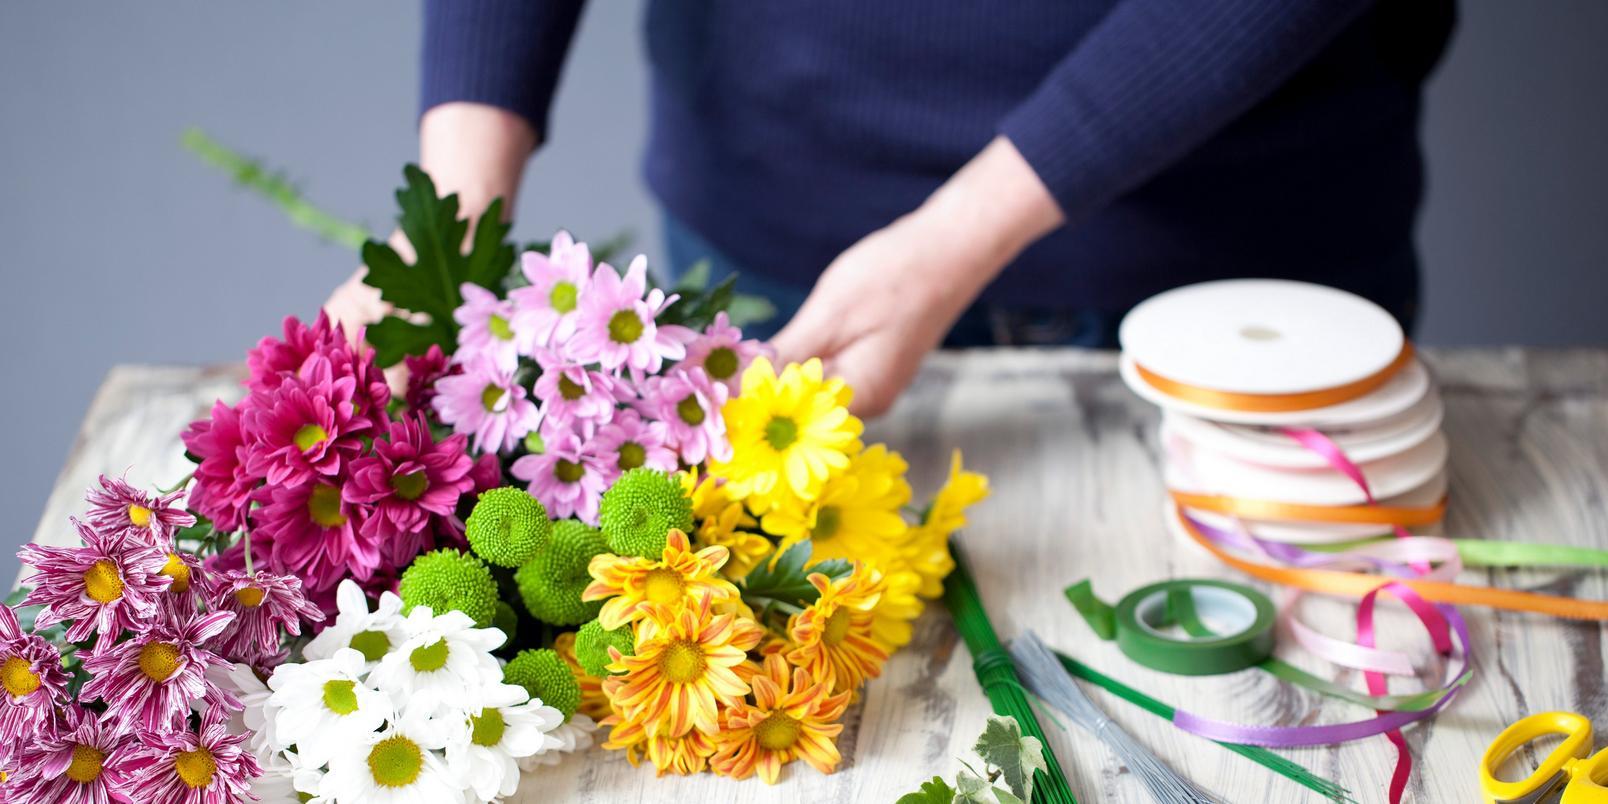 Ingredients-flower-crowns